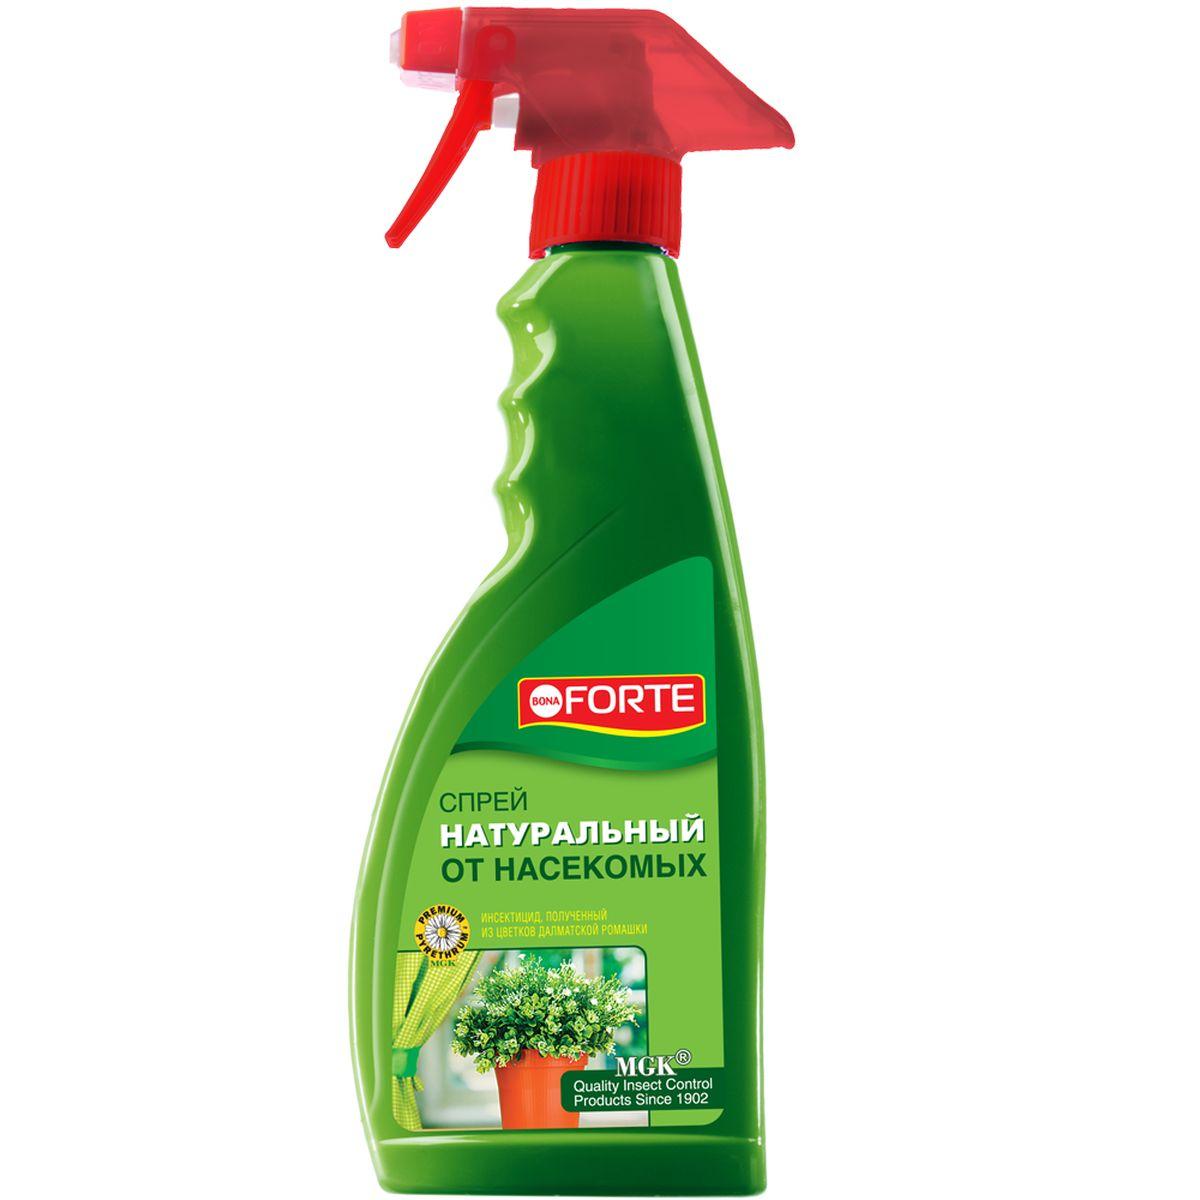 Натуральное инсектицидное средство Bona Forte, спрей, 500 млBF-21-01-020-1Для моментального уничтожения летающих насекомых-вредителей. Не вызывает привыкания у насекомых. Безопасная обработка - после воздействия натурального пиретрума на насекомых, действующие вещества быстро разлагаются до экологически безопасных остатков, не причиняя ущерб человеку и окружающей среде.Товар сертифицирован.